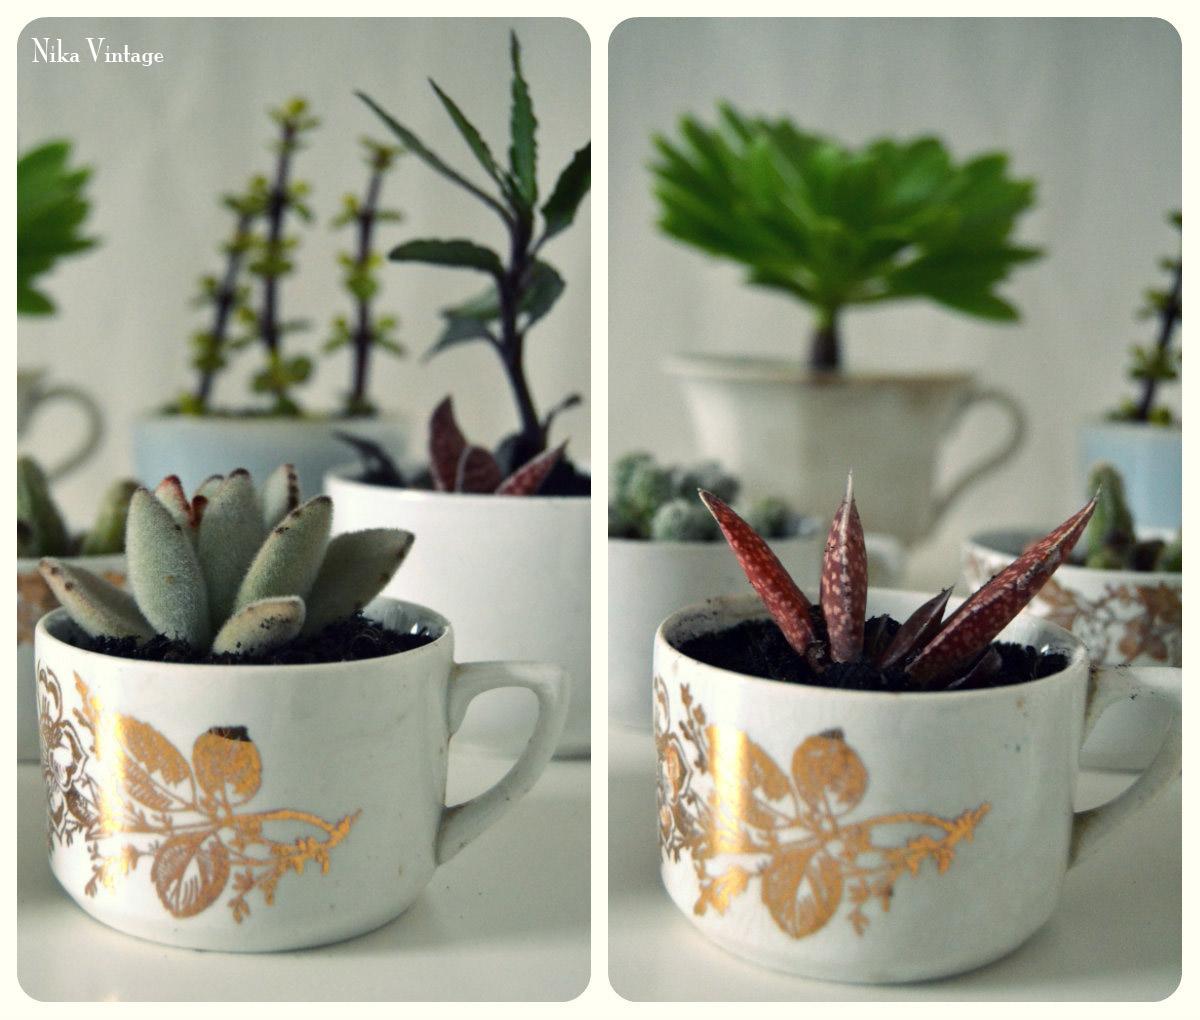 Diy tazas rotas antiguas cactus nika vintage - Cactus en macetas pequenas ...